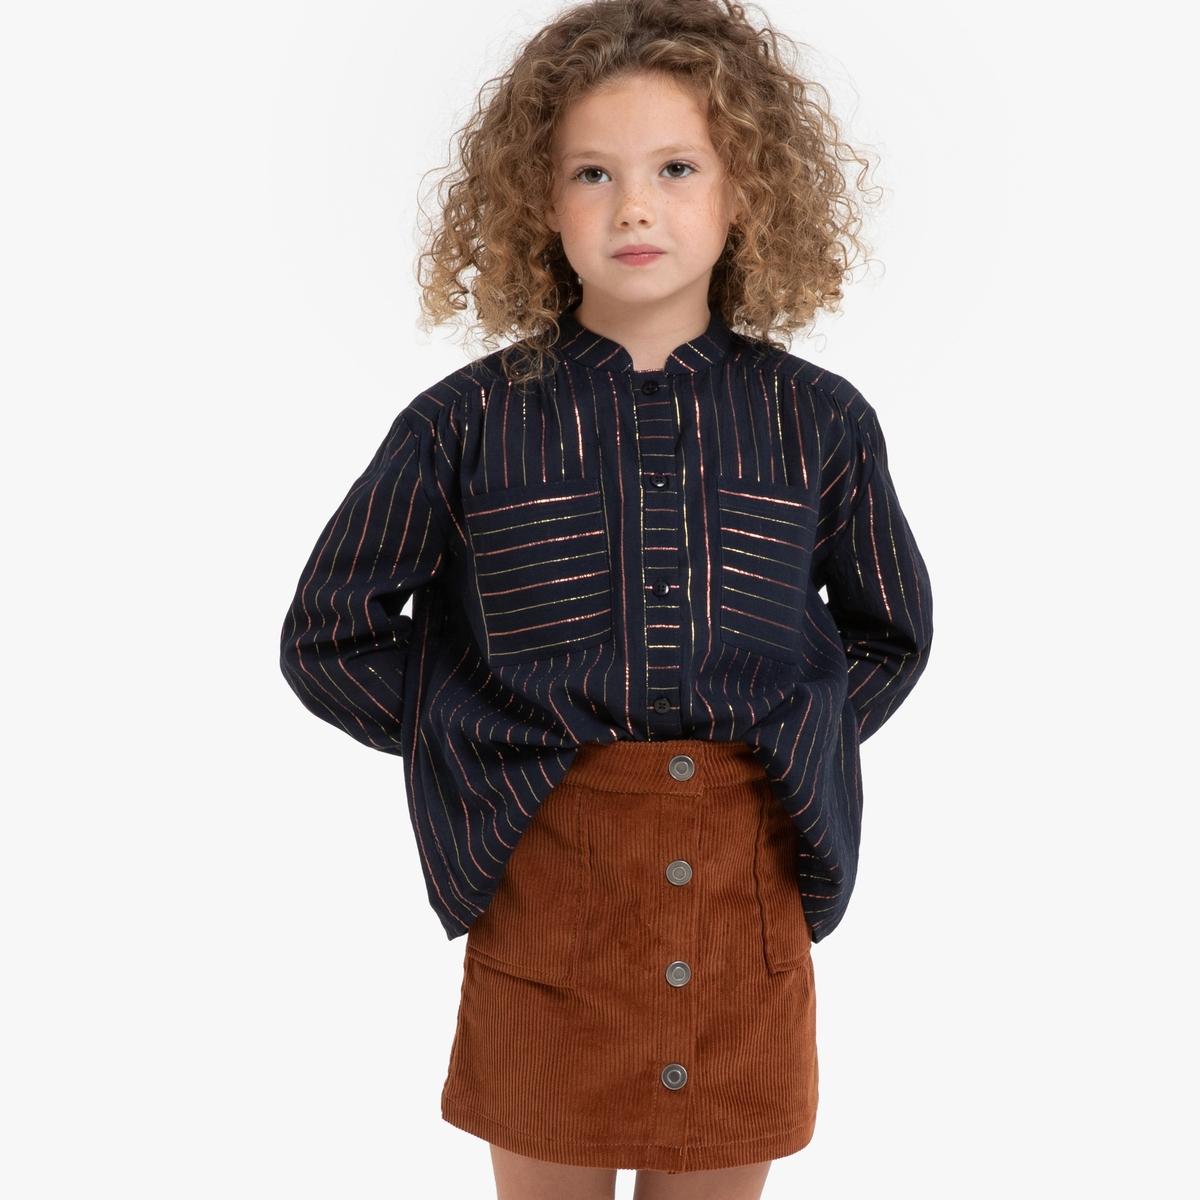 Блузка La Redoute В полоску с длинными рукавами 10 лет - 138 см другие блузка la redoute в полоску с длинными рукавами 12 лет 150 см другие